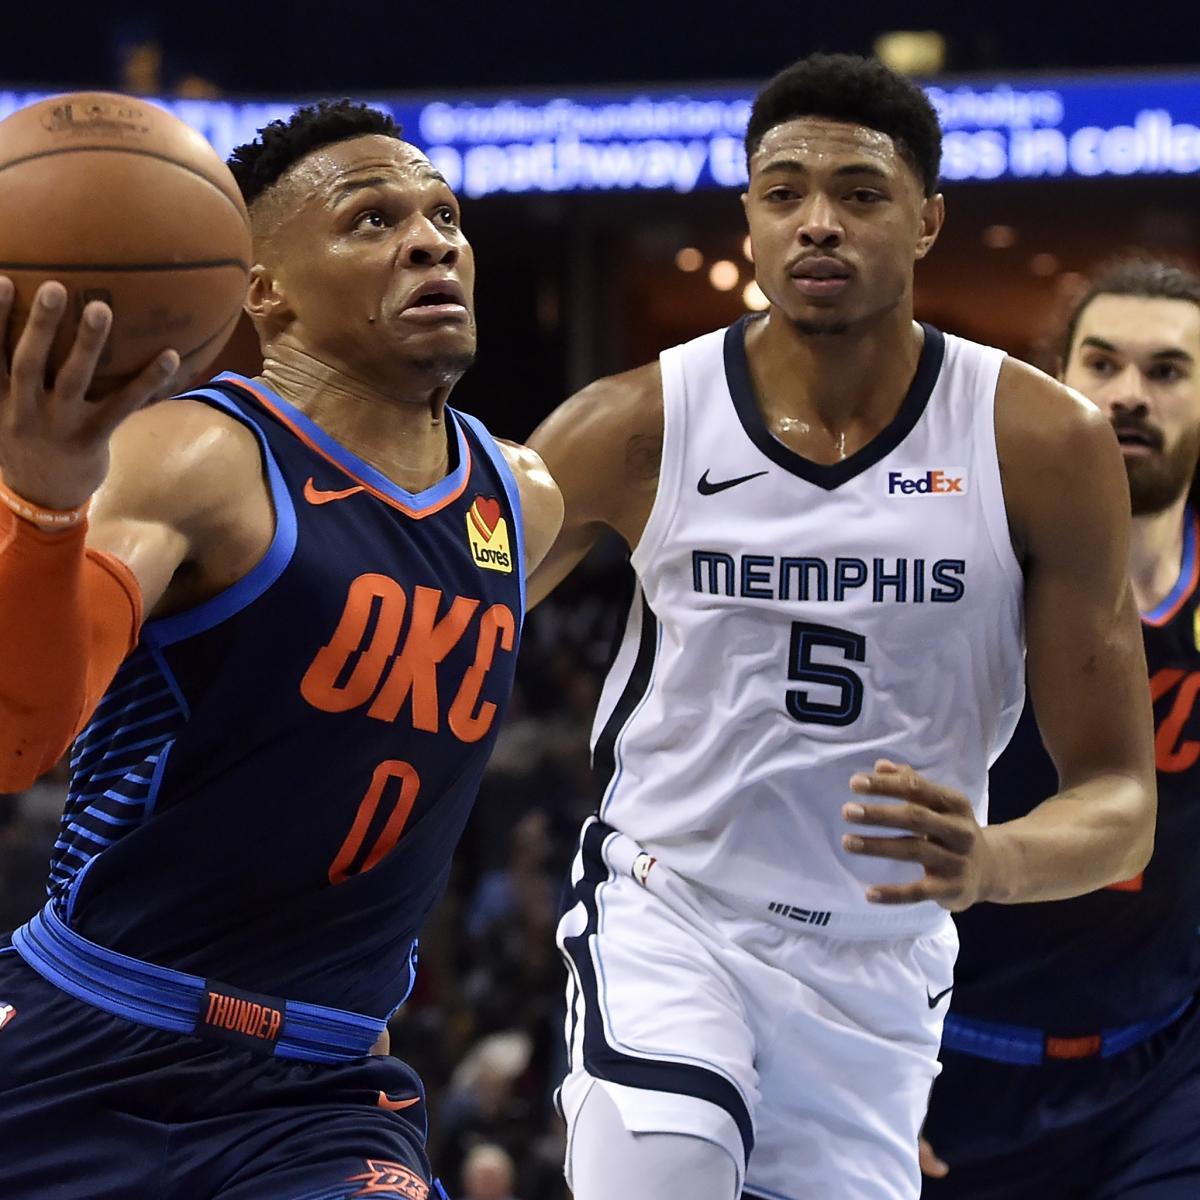 NBA Playoffs 2019: Known Schedule, Bracket Format And